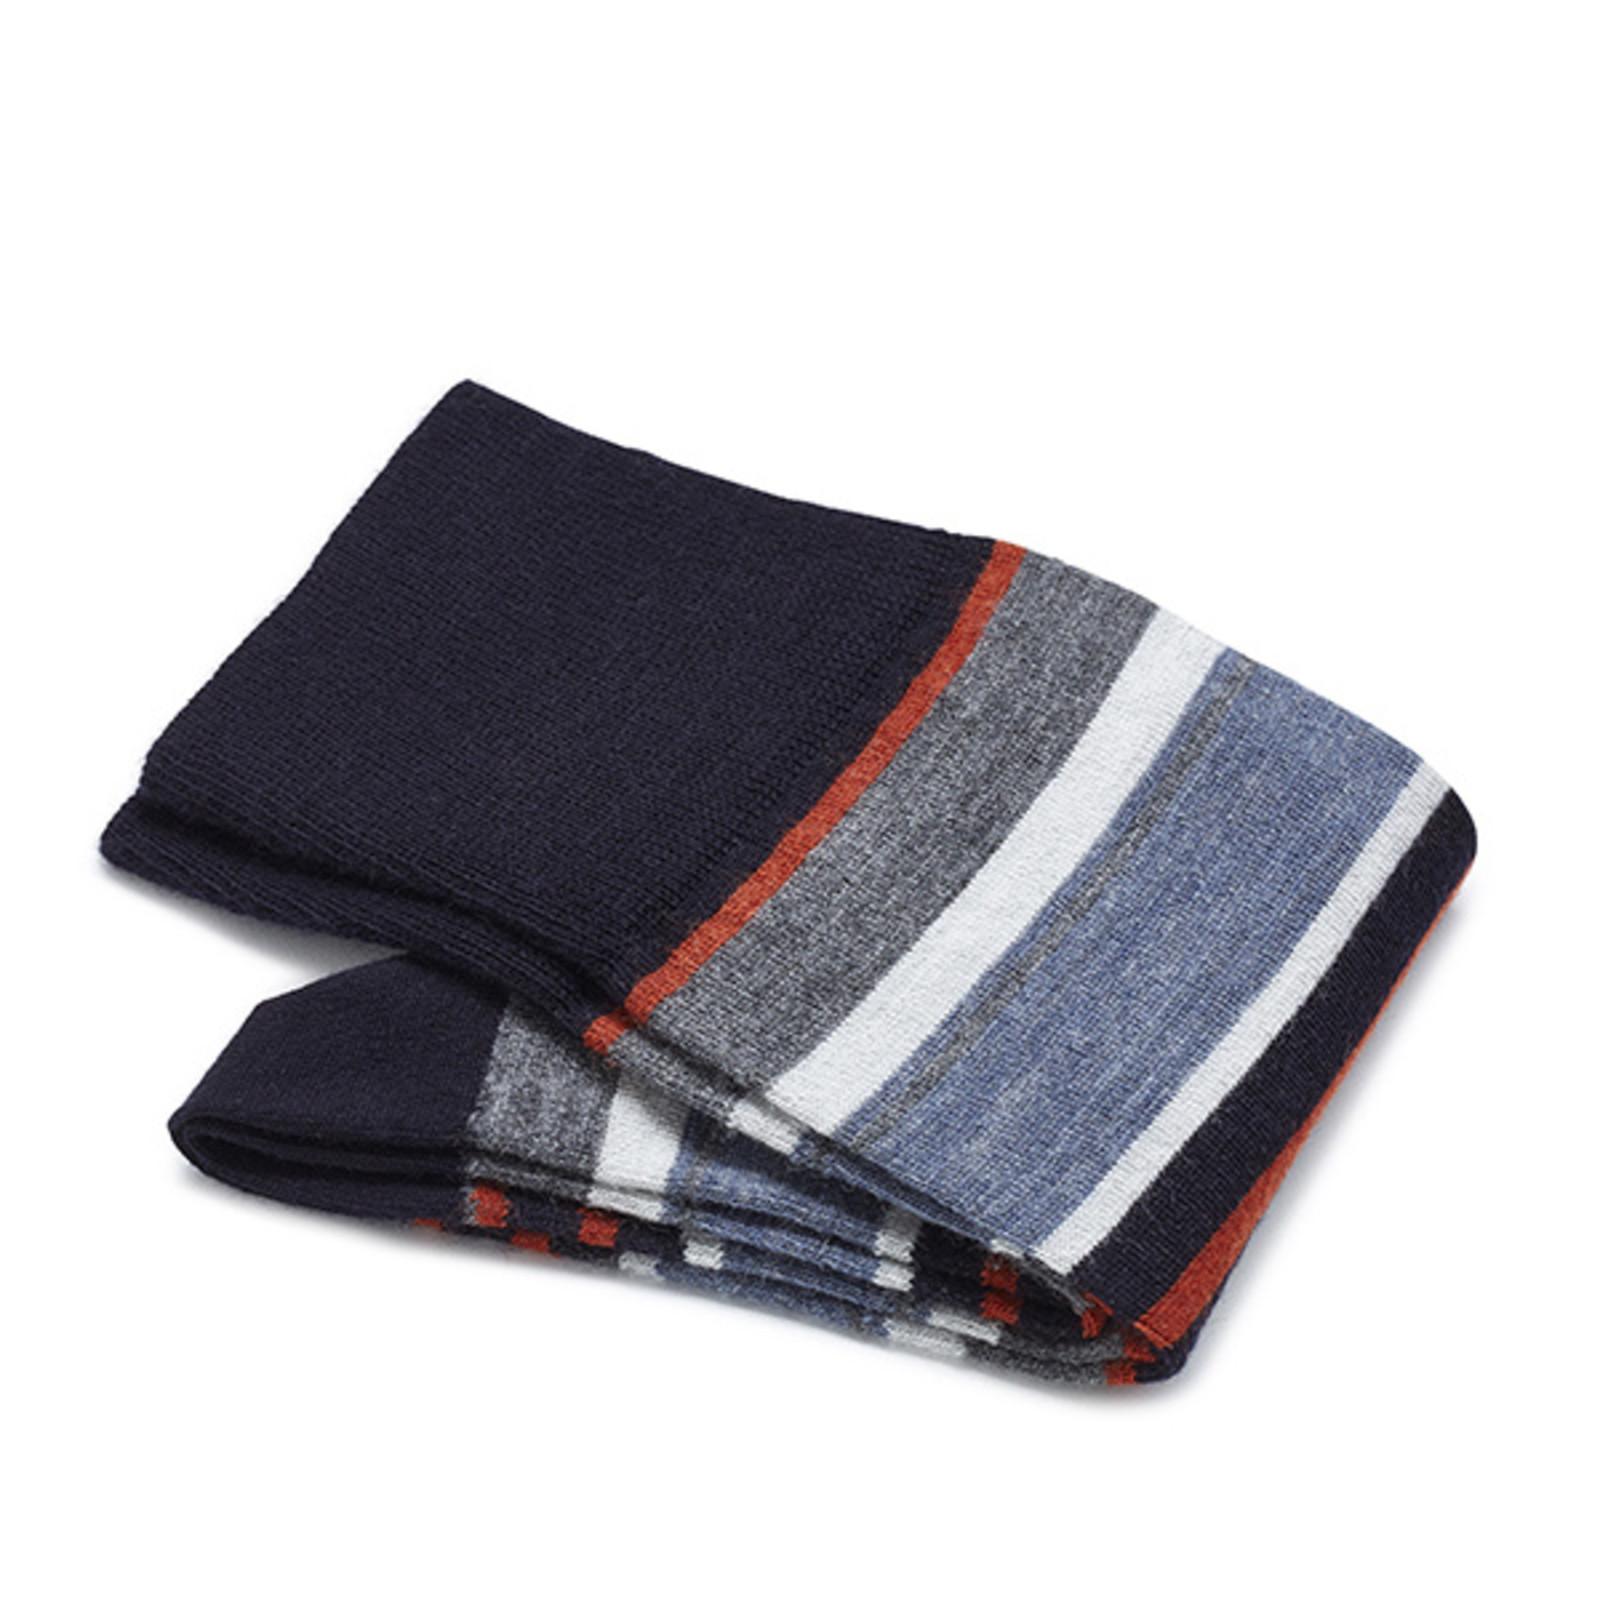 Carlo Lanza Orange/blau gestreifte Socken Merino Wolle